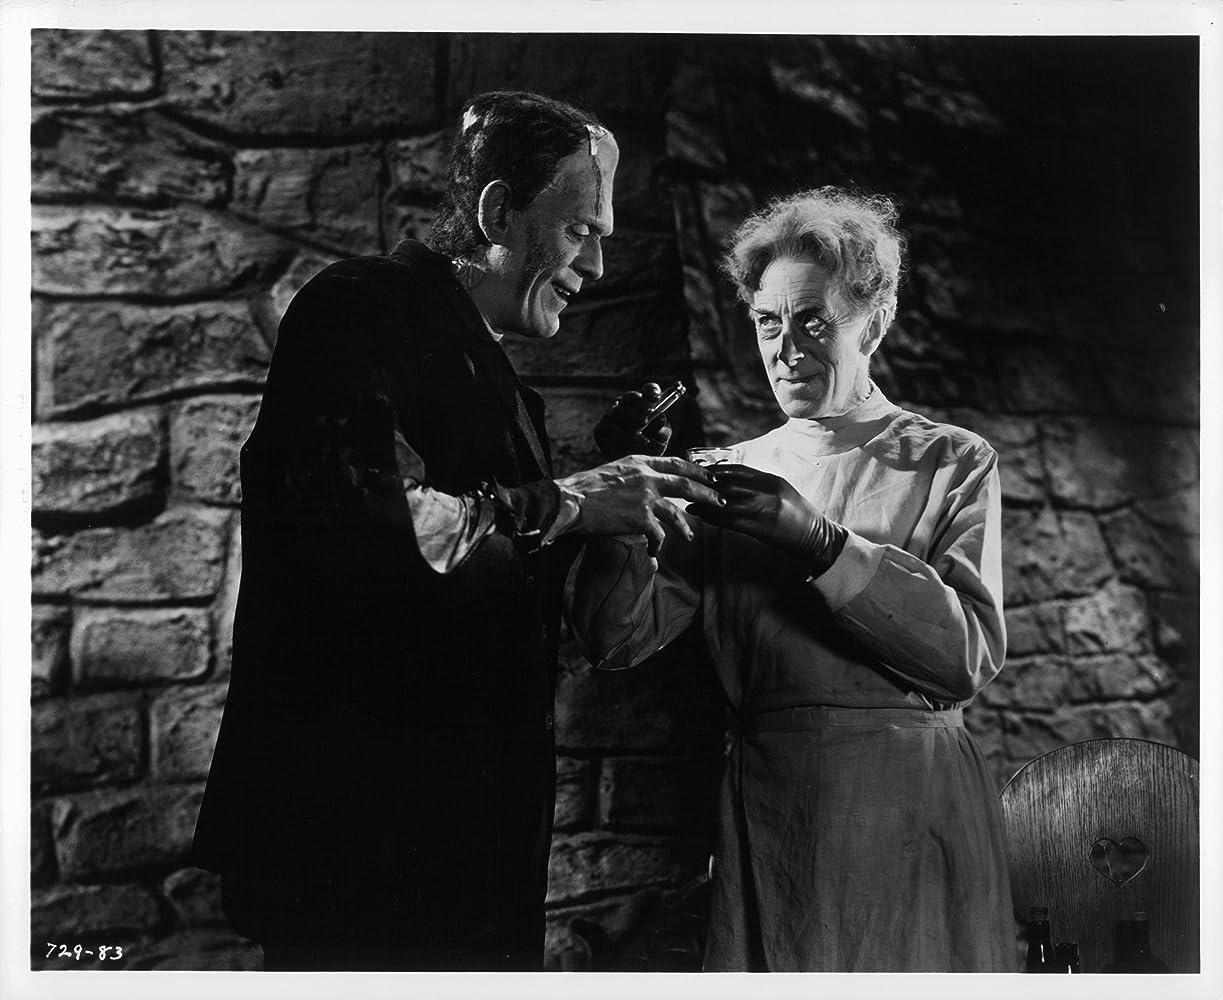 Boris Karloff and Ernest Thesiger in Bride of Frankenstein (1935)